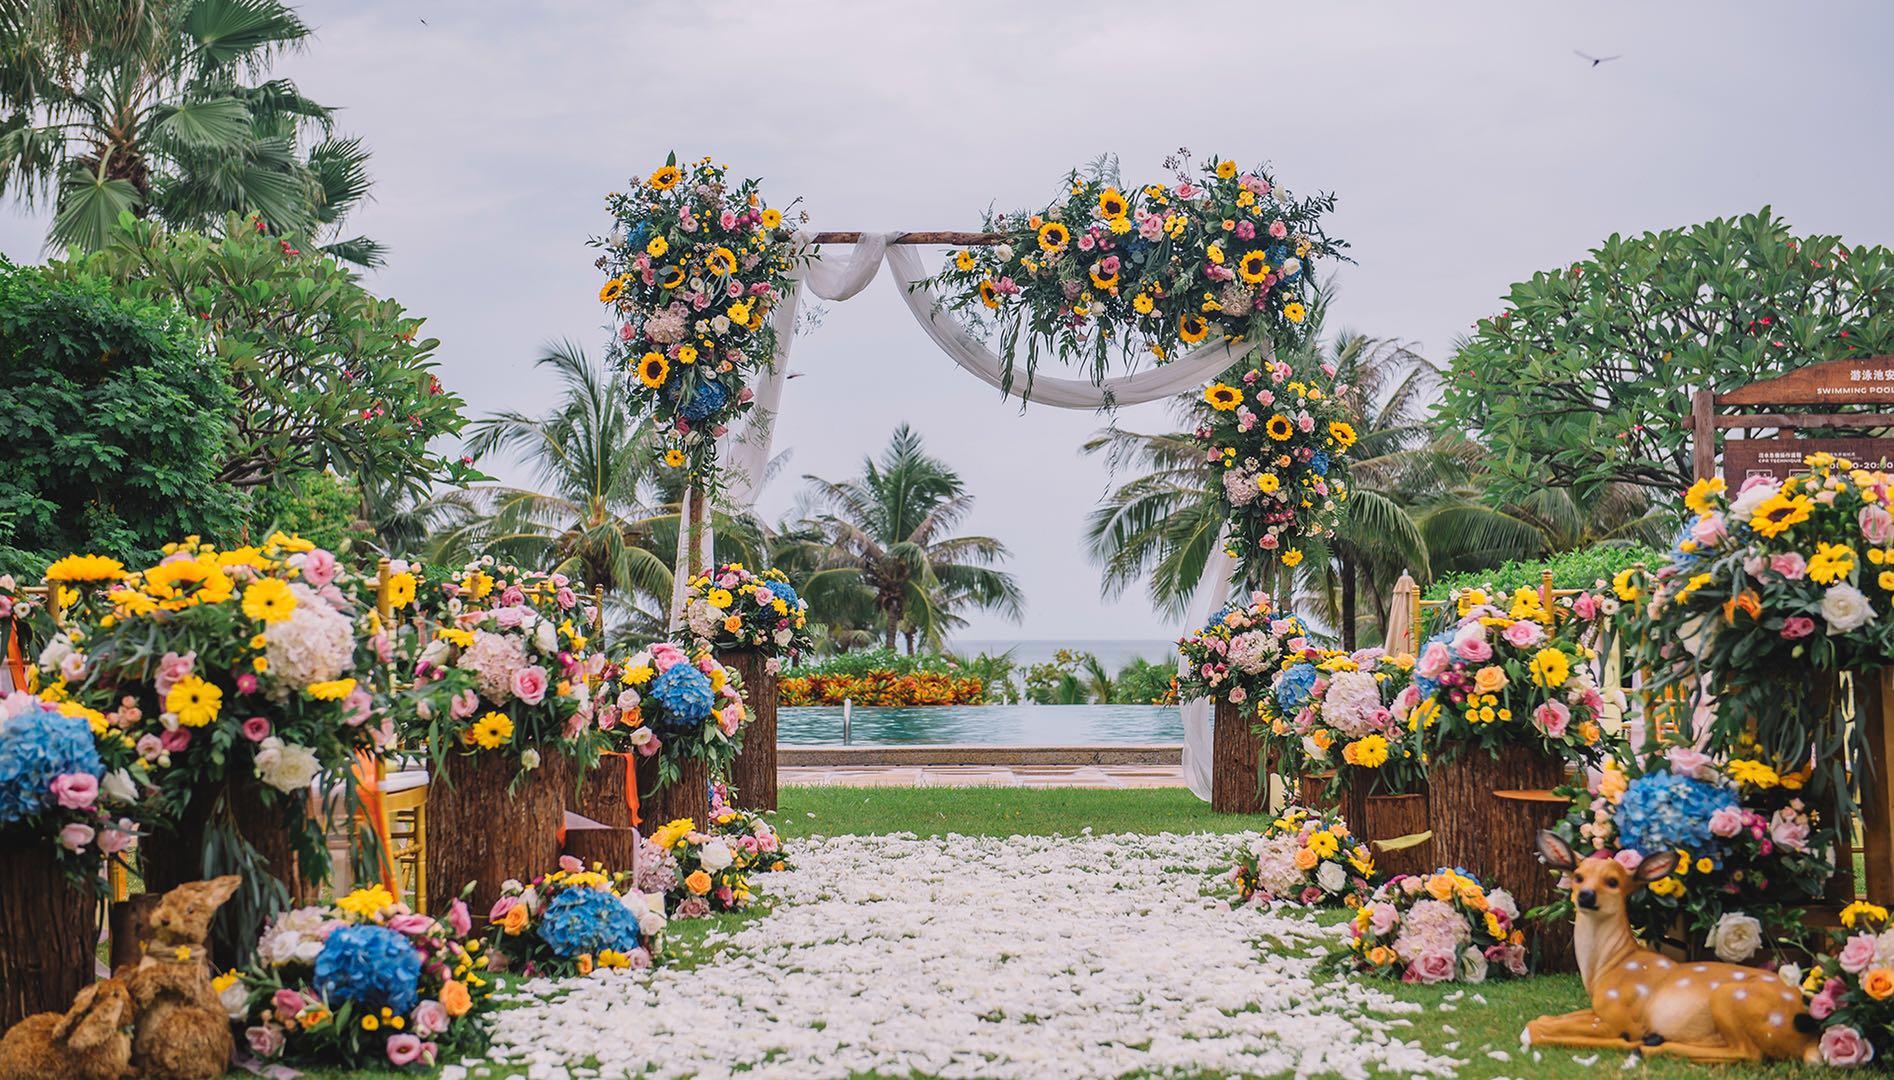 三亚索菲特法式海岛婚礼,浪漫定义为爱珍藏的每个时刻